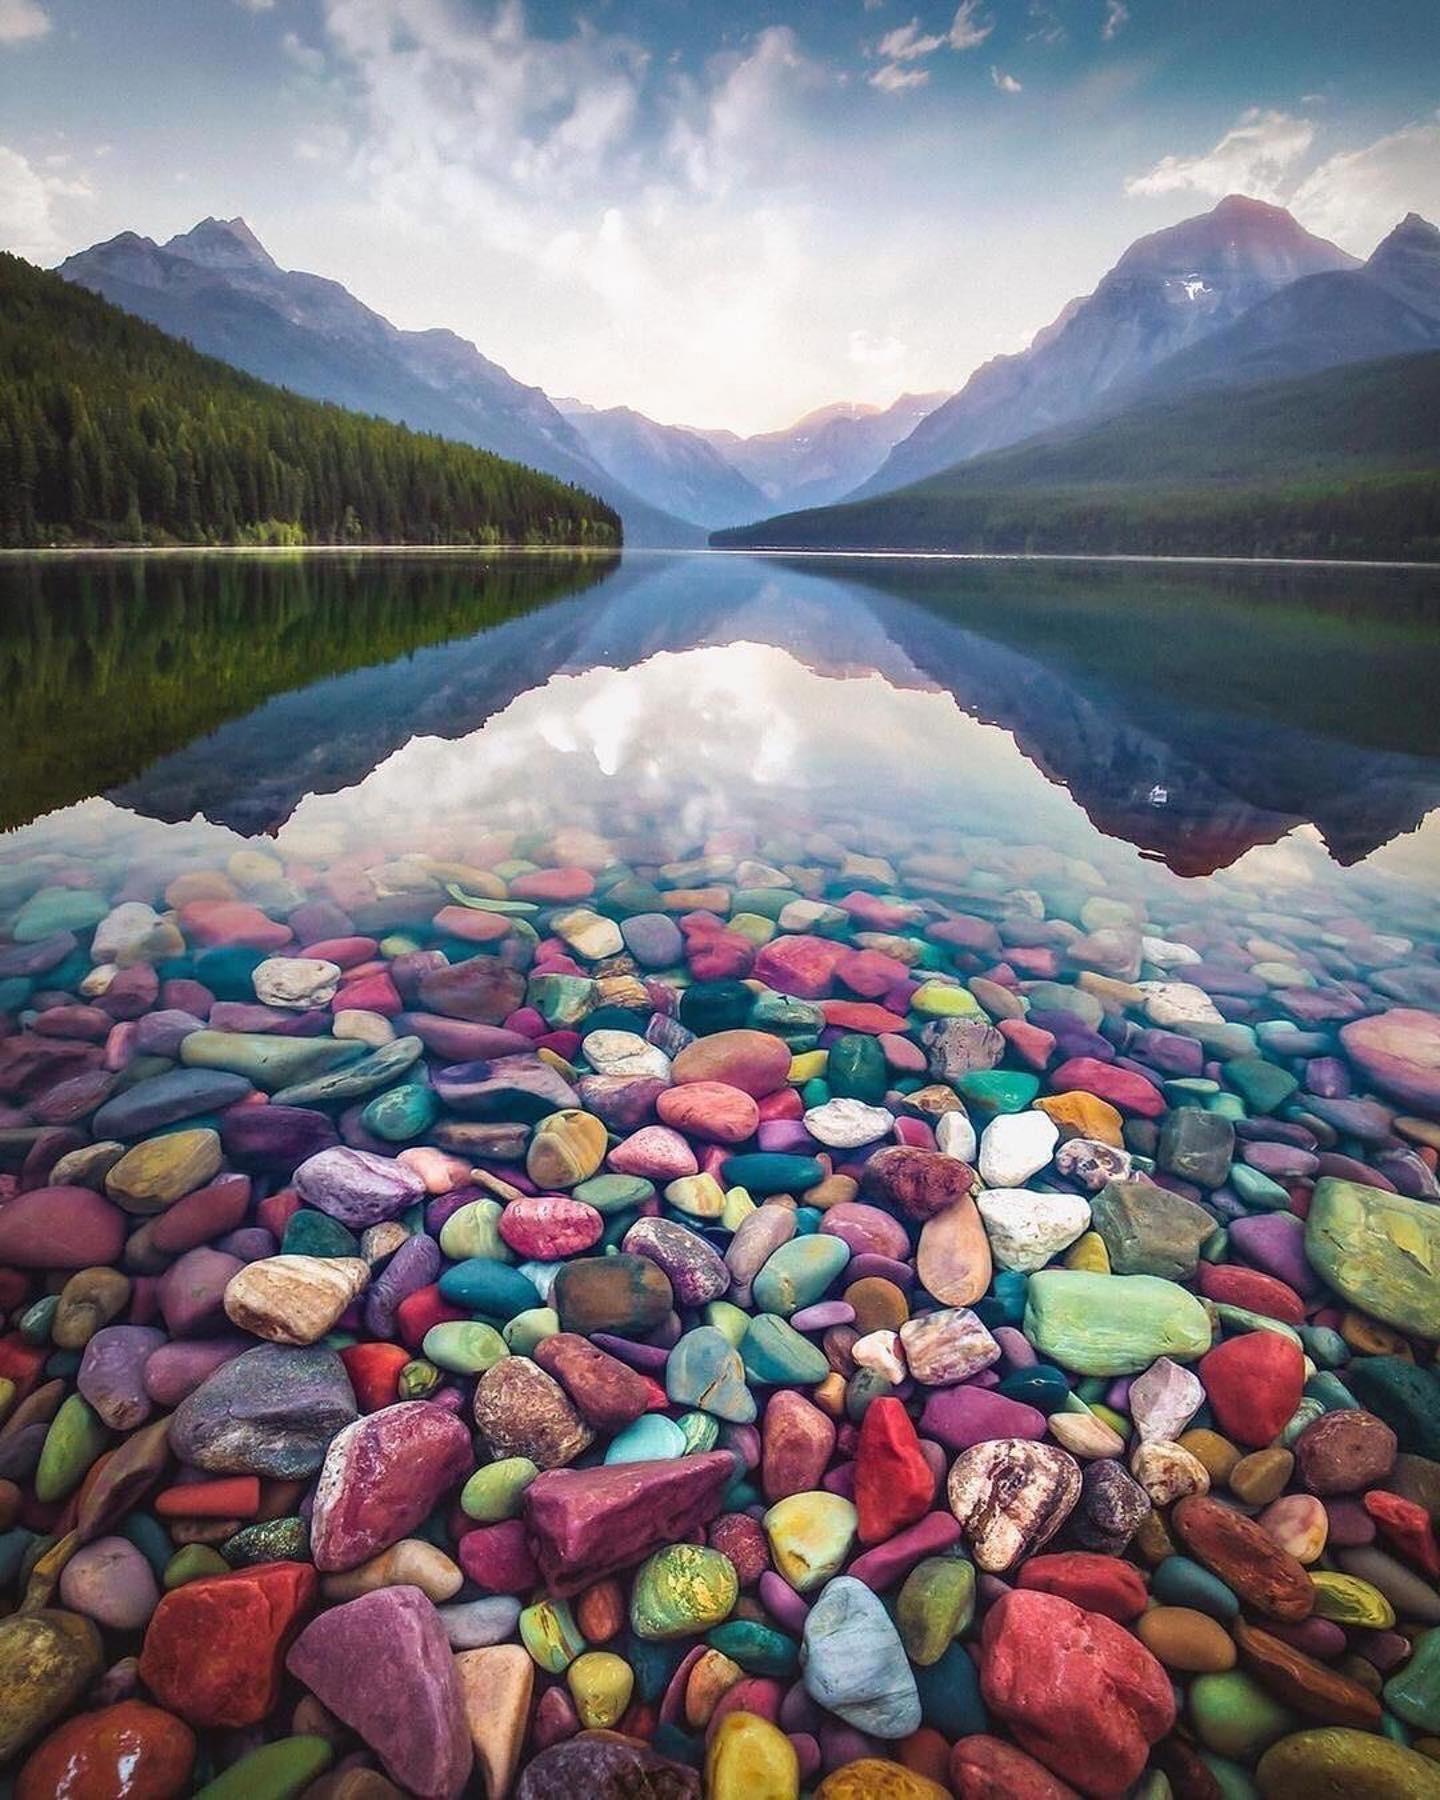 Озеро Макдональдс в Национальном парке Глейшер, штат Монтана. Фотограф @davidmrule